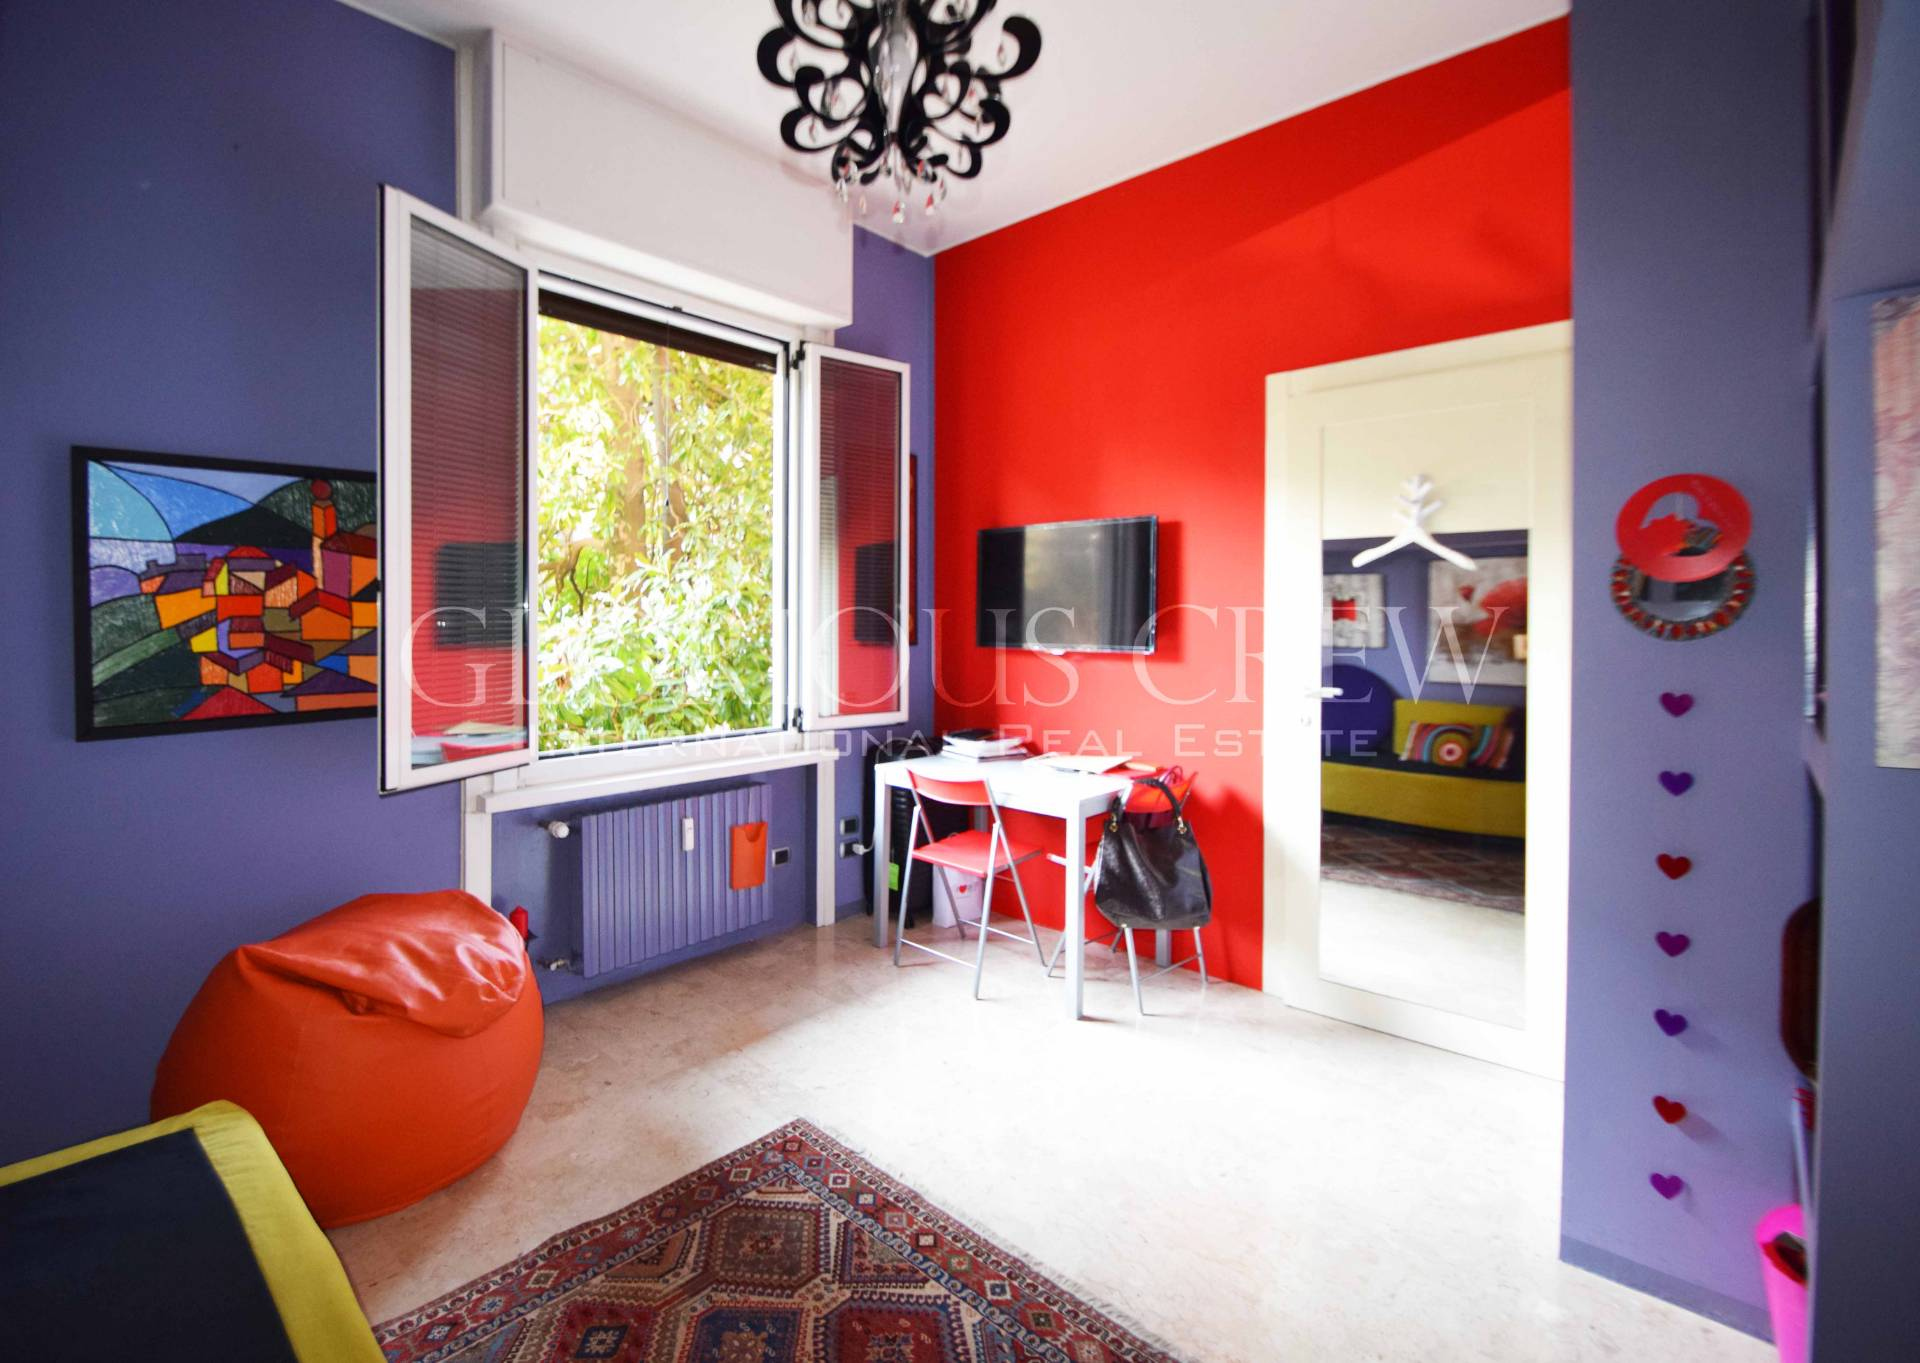 Appartamento in Vendita a Milano 25 Cassala / Famagosta / Lorenteggio / Barona: 1 locali, 25 mq